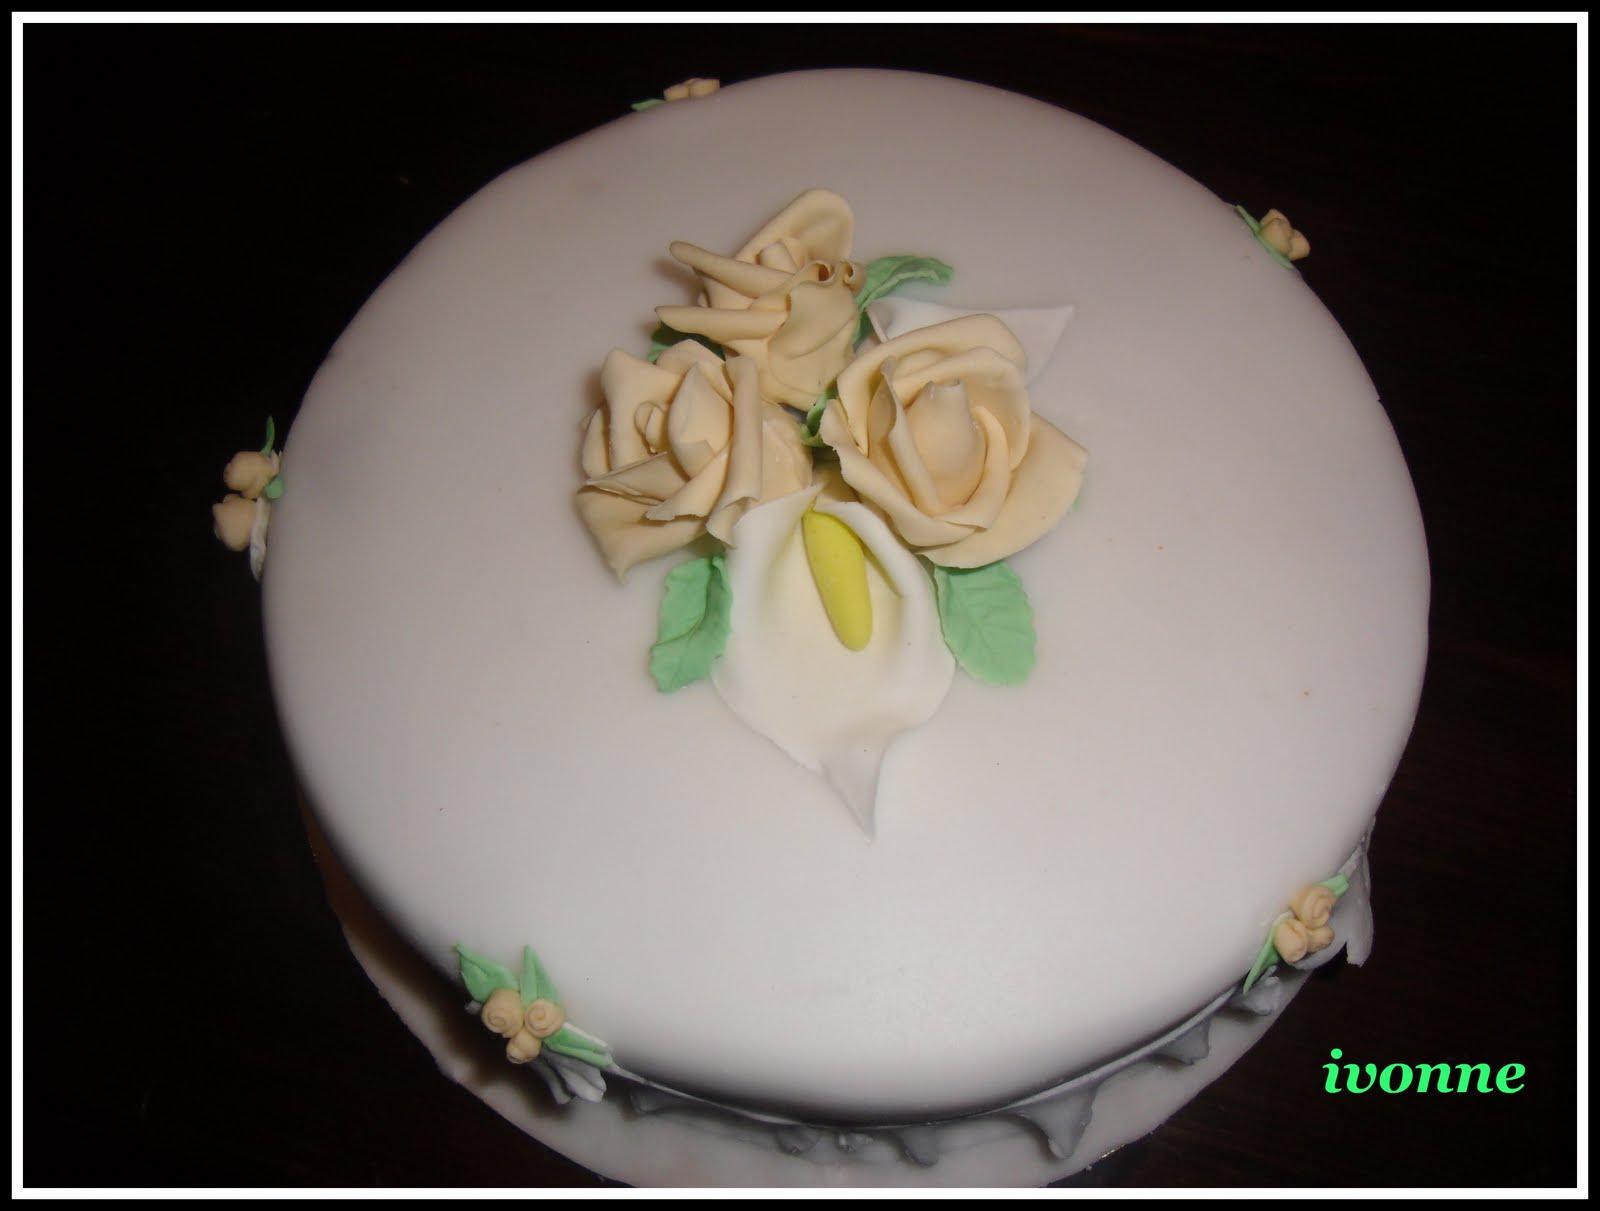 Corso Di Cake Design Verona : Passione e fantasia: Corso